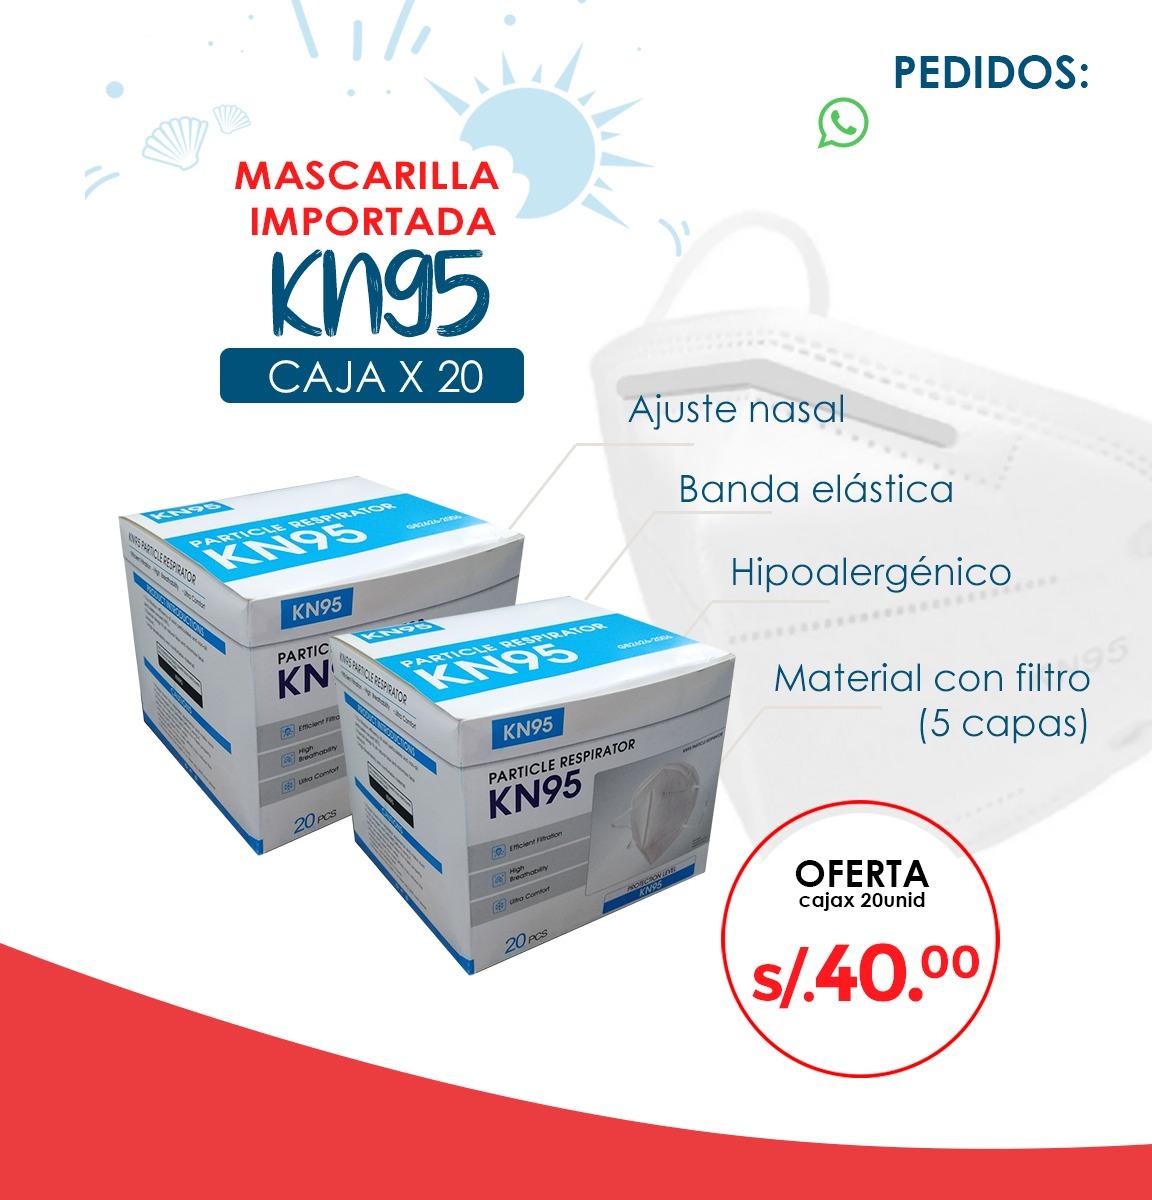 mascarilla kn 95